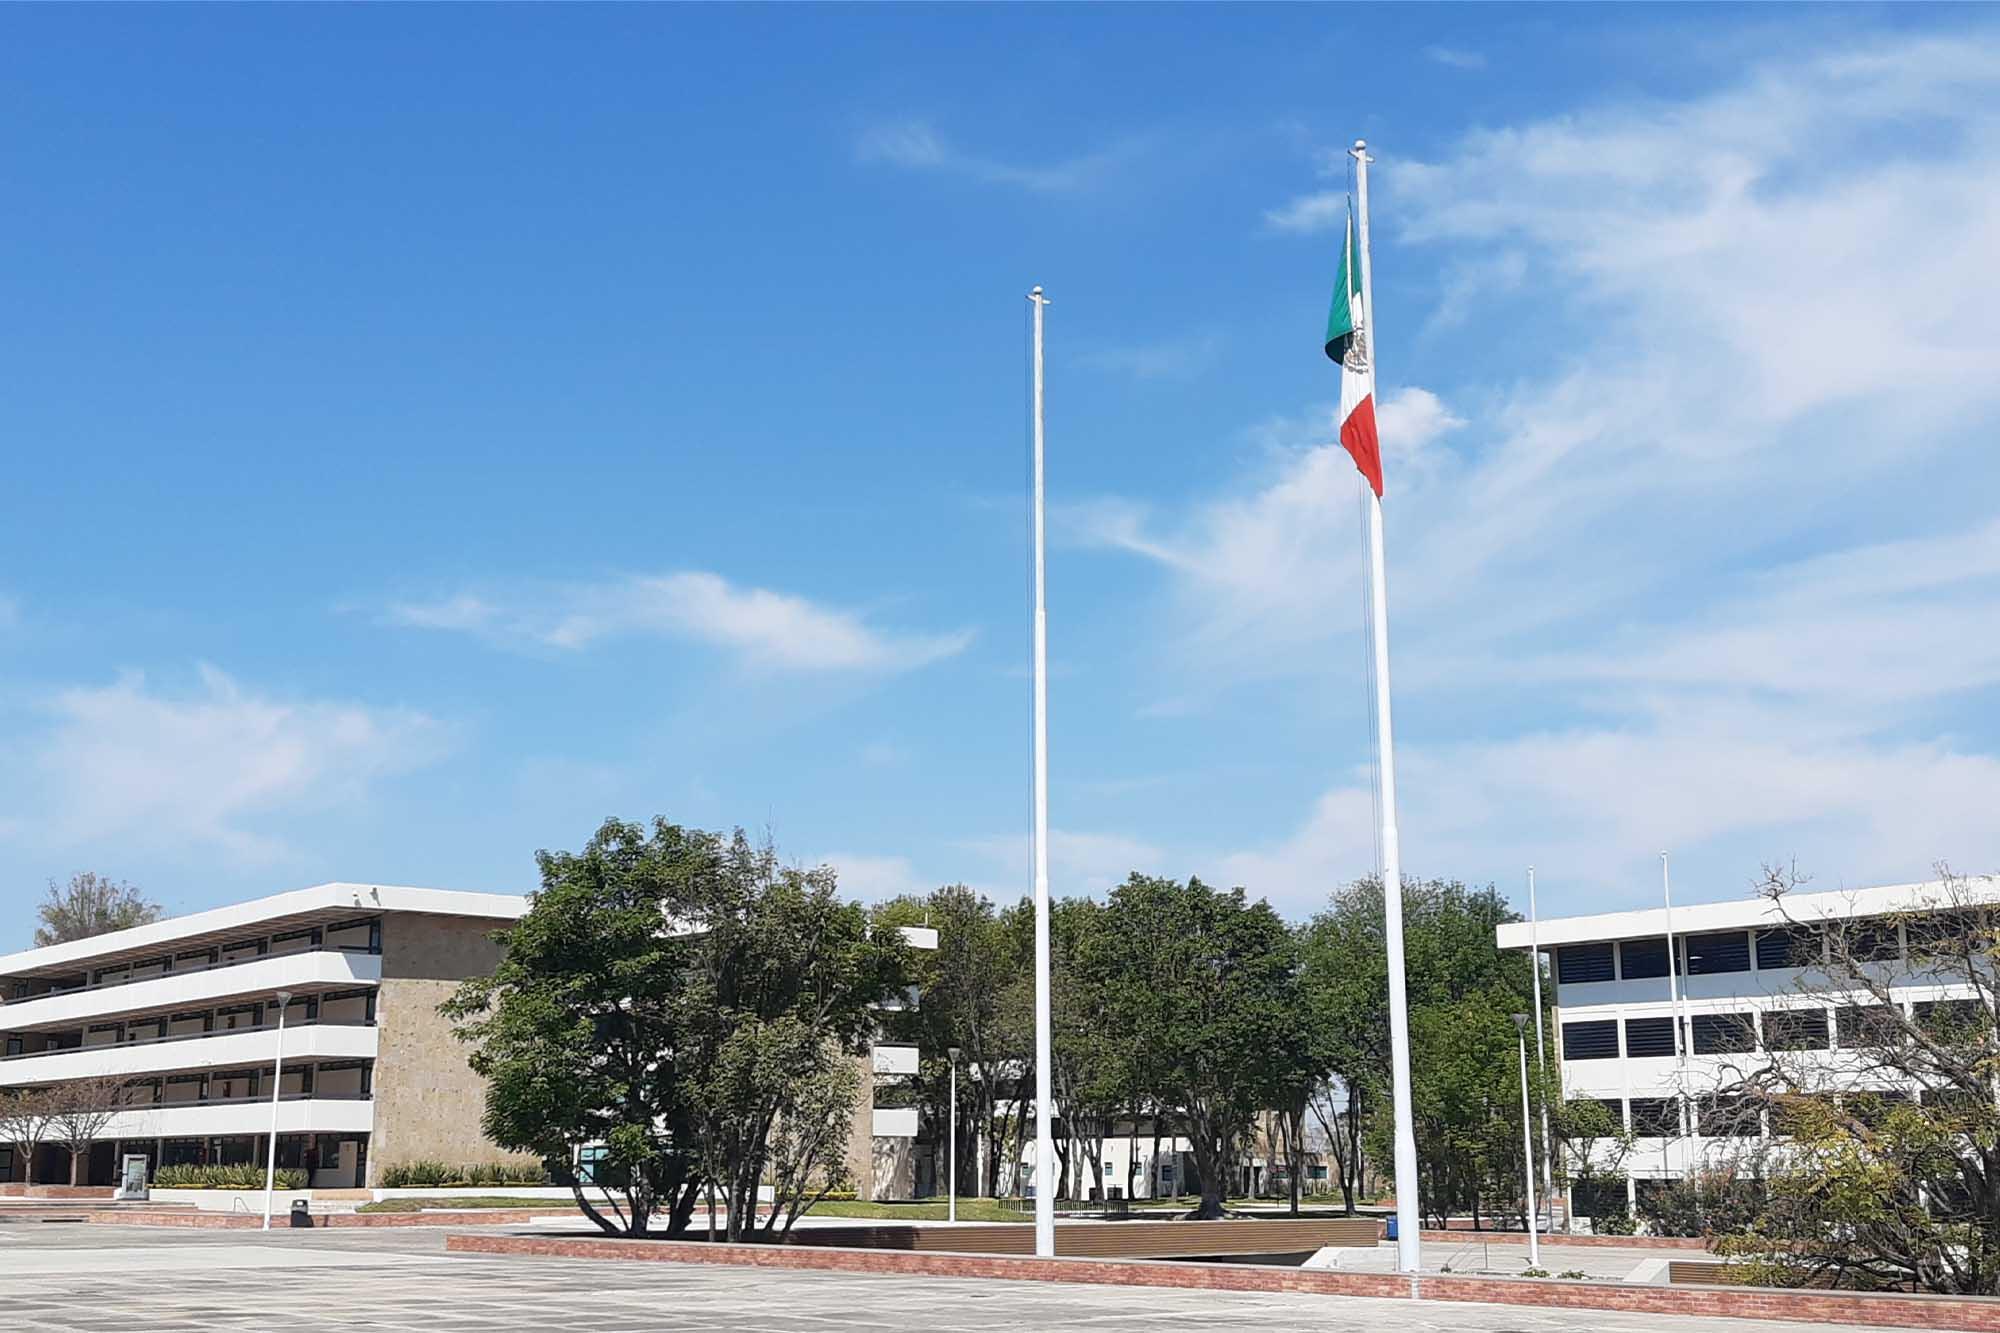 200 Aniversario de la Bandera Nacional 250221